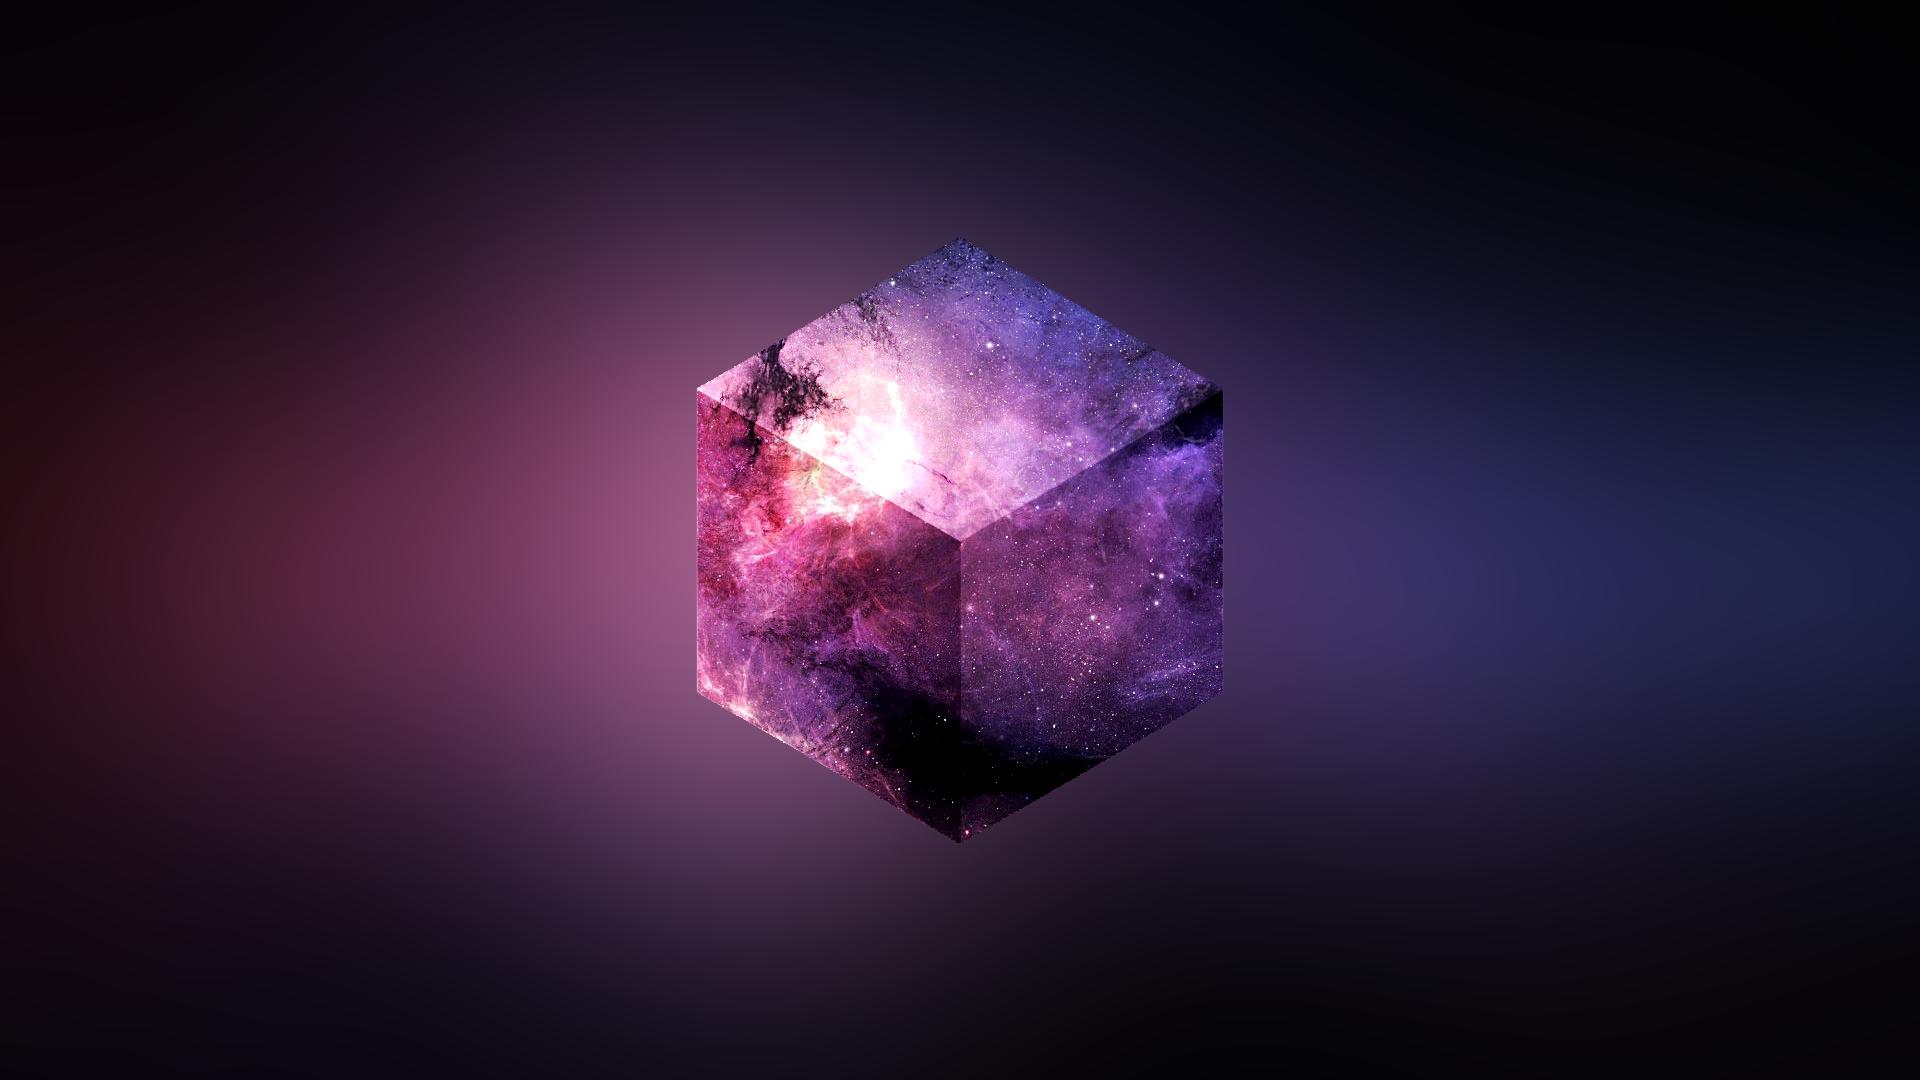 Galaxcube iimgurcom 1920x1080